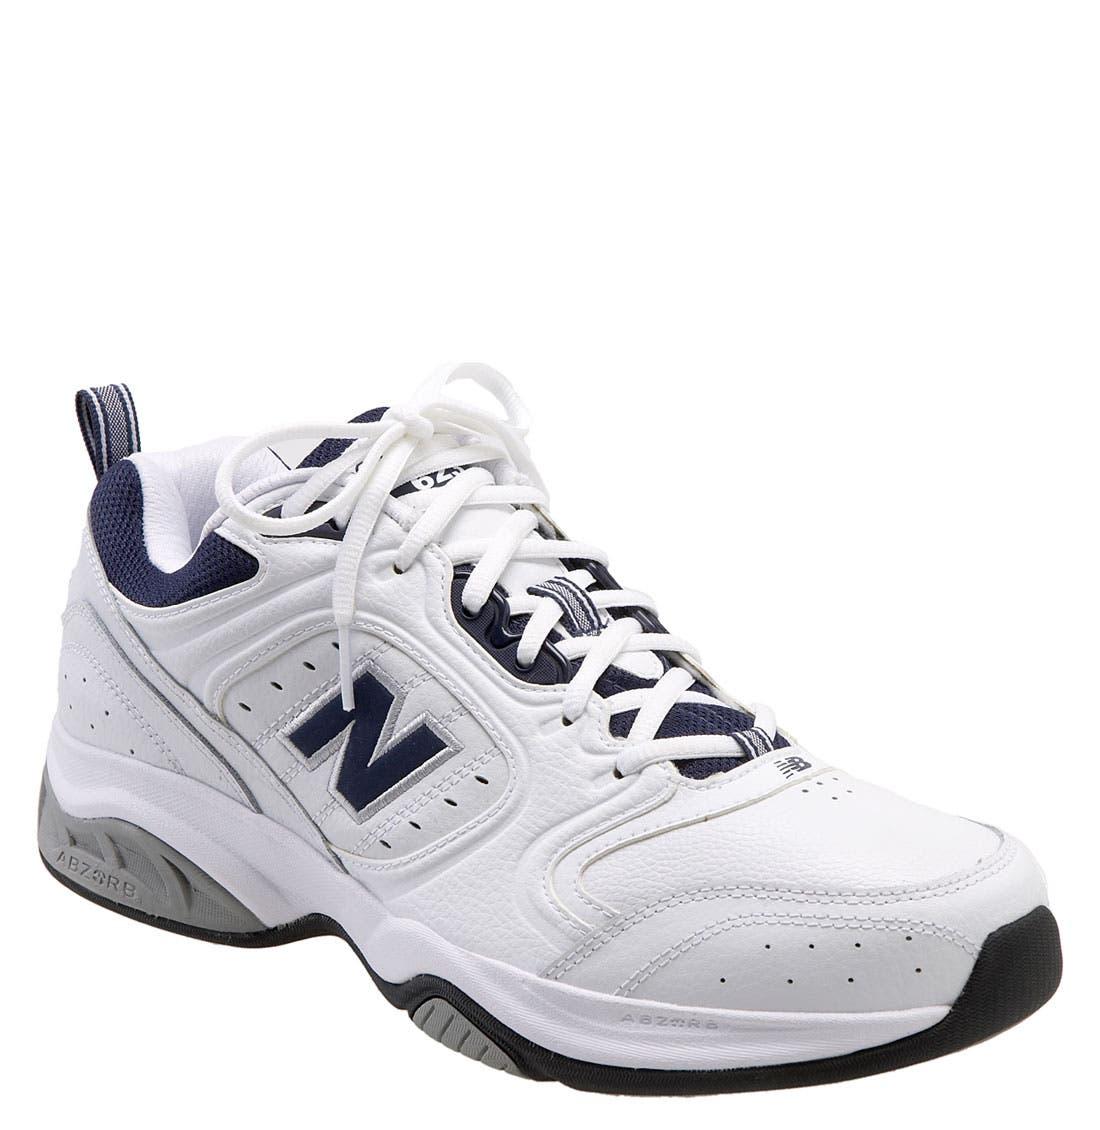 Alternate Image 1 Selected - New Balance '623' Training Shoe (Men)